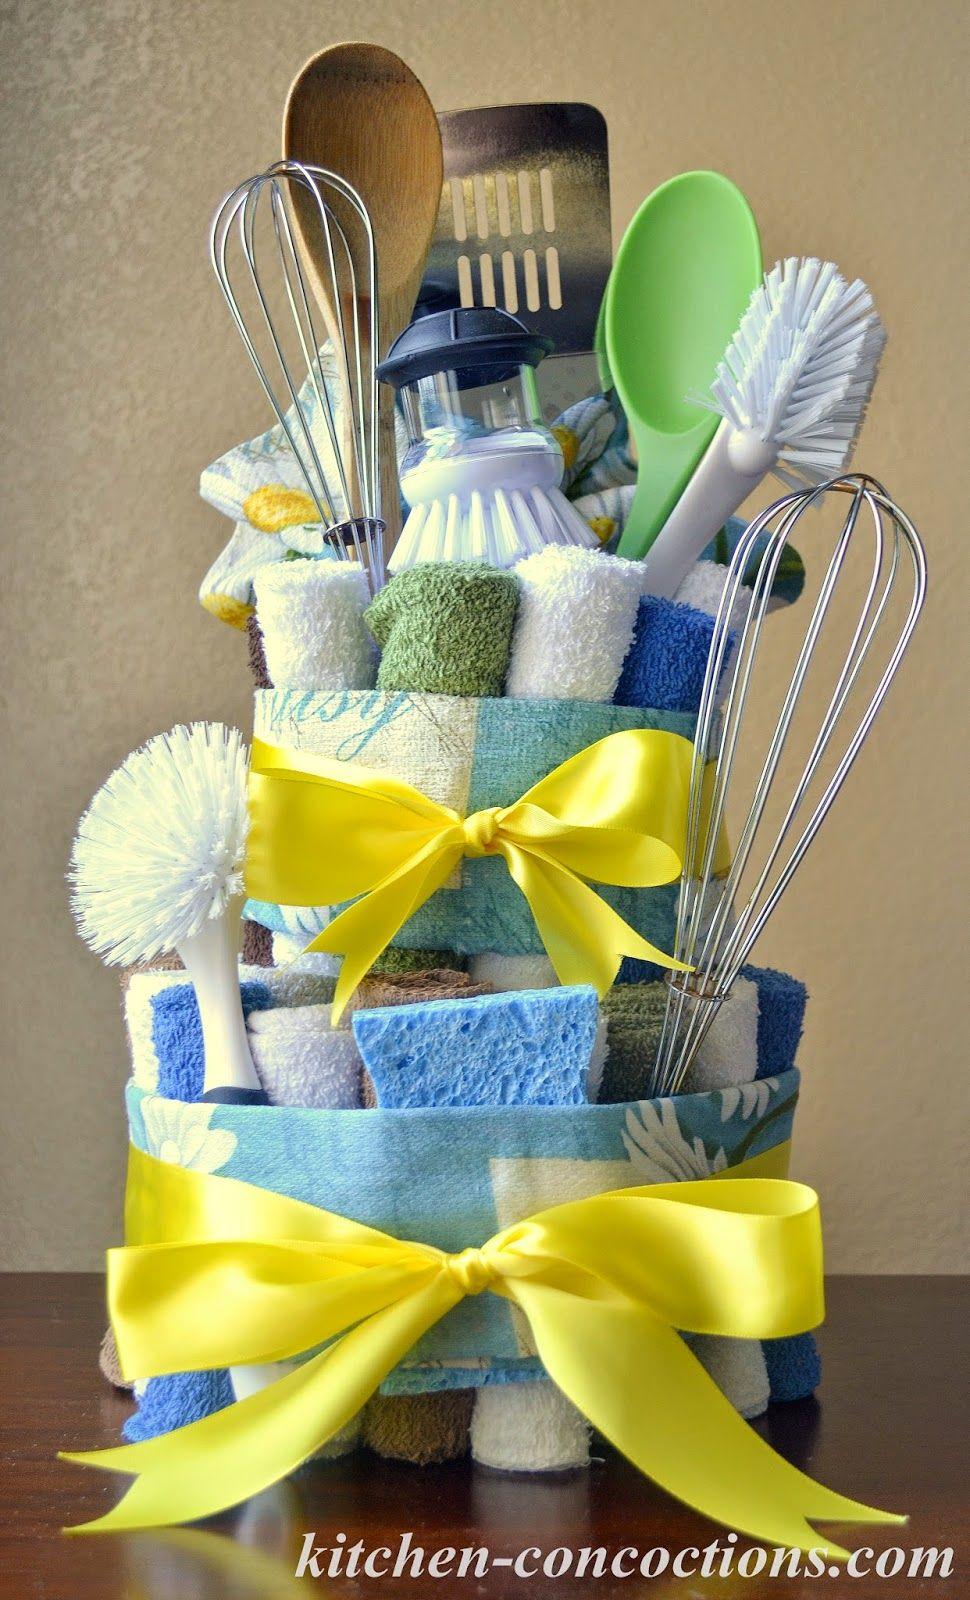 a4aad86b21 Valami a konyhába 1. rész: TÖRCSI TORTA - towel cake - Leánybúcsú ...